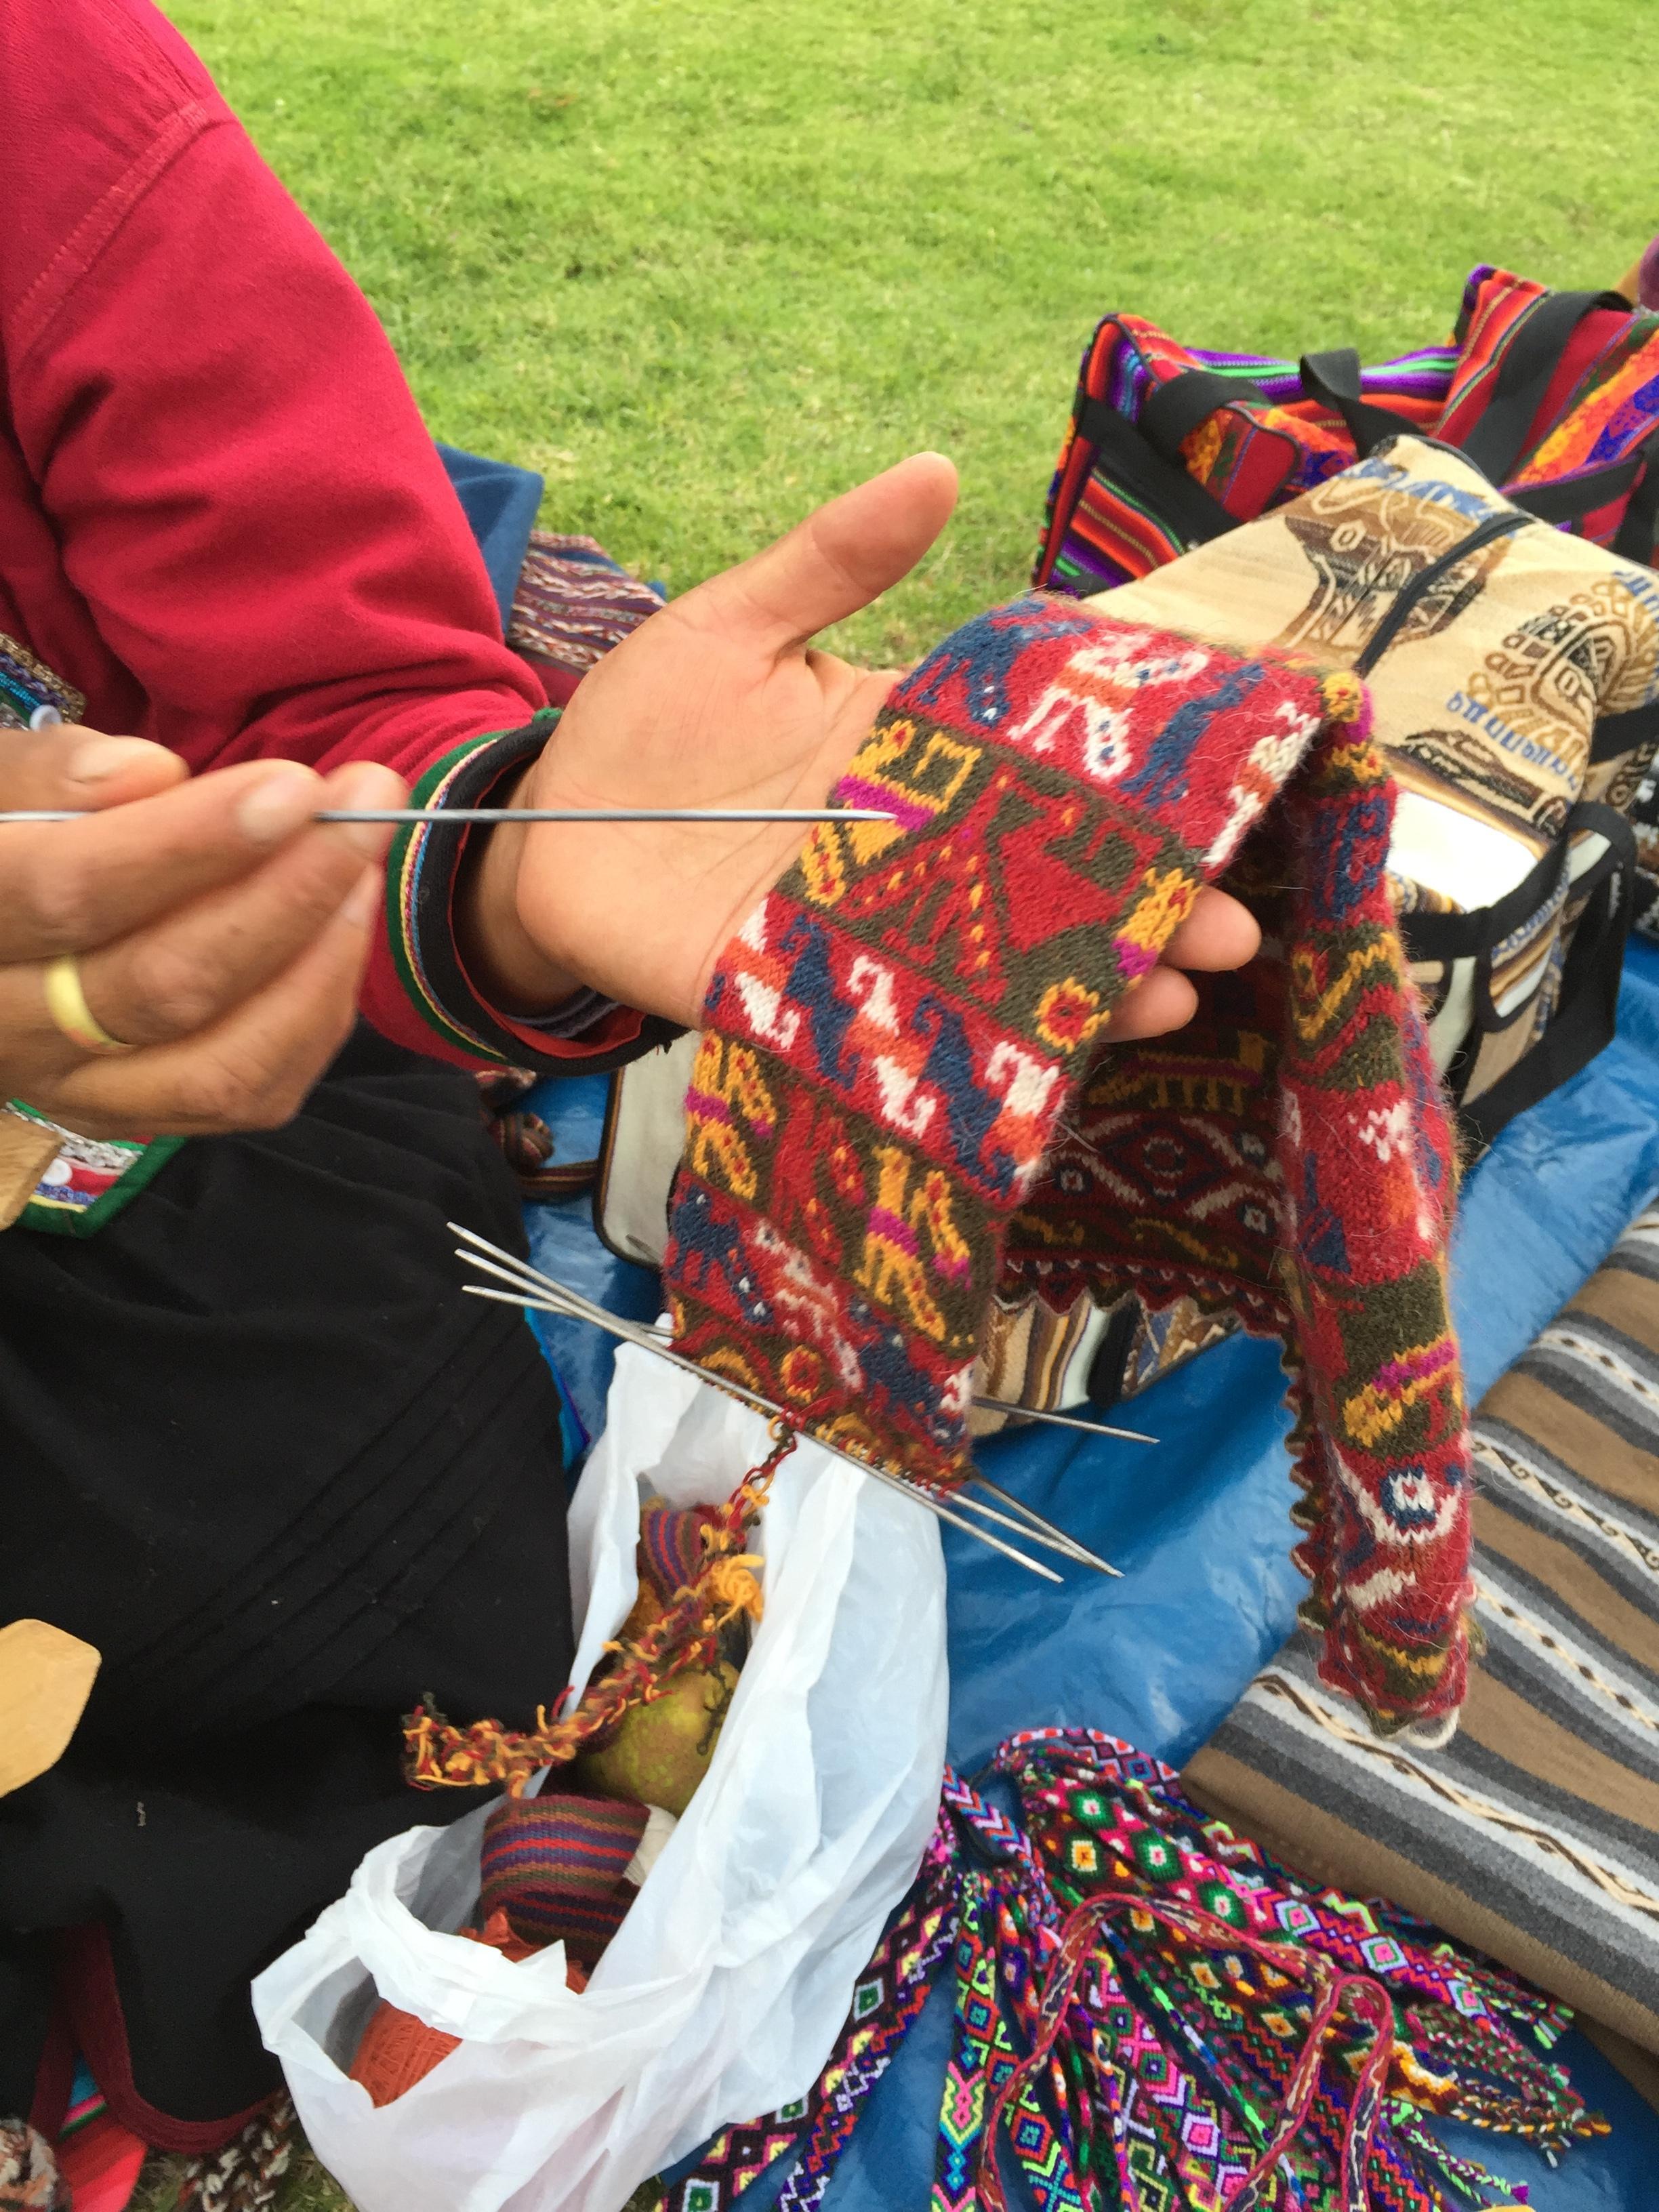 Kondoren, pumaen, slangen og kolibrien var inkaenes hellige dyr. De lever videre i dagens tekstiler.